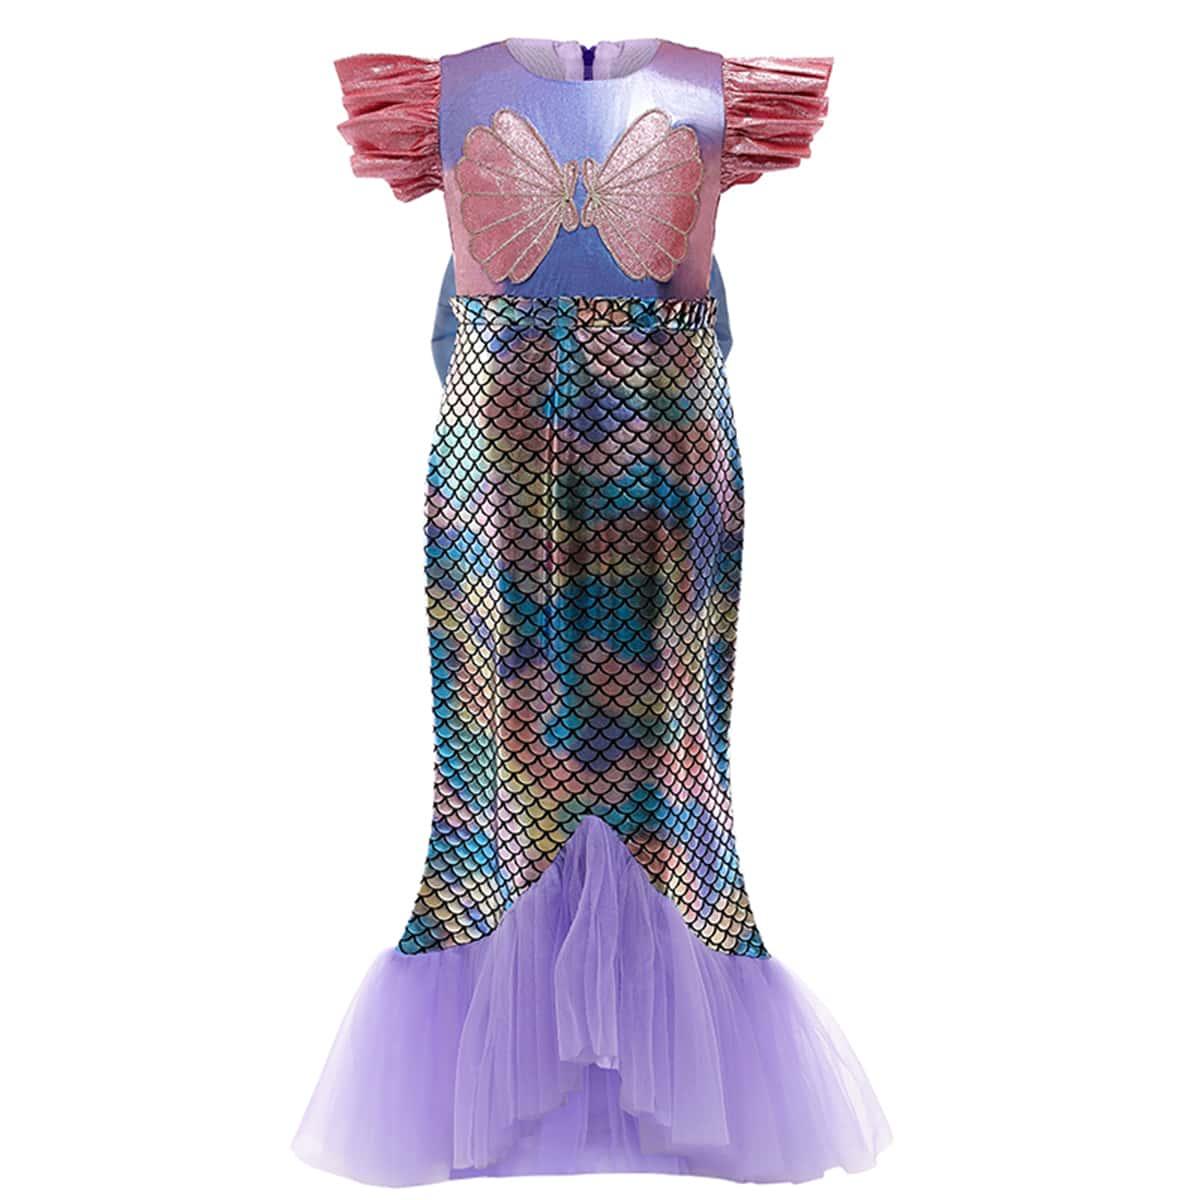 С оборками принт рыбьей чешуи очаровательный нарядное платье для маленьких девочек